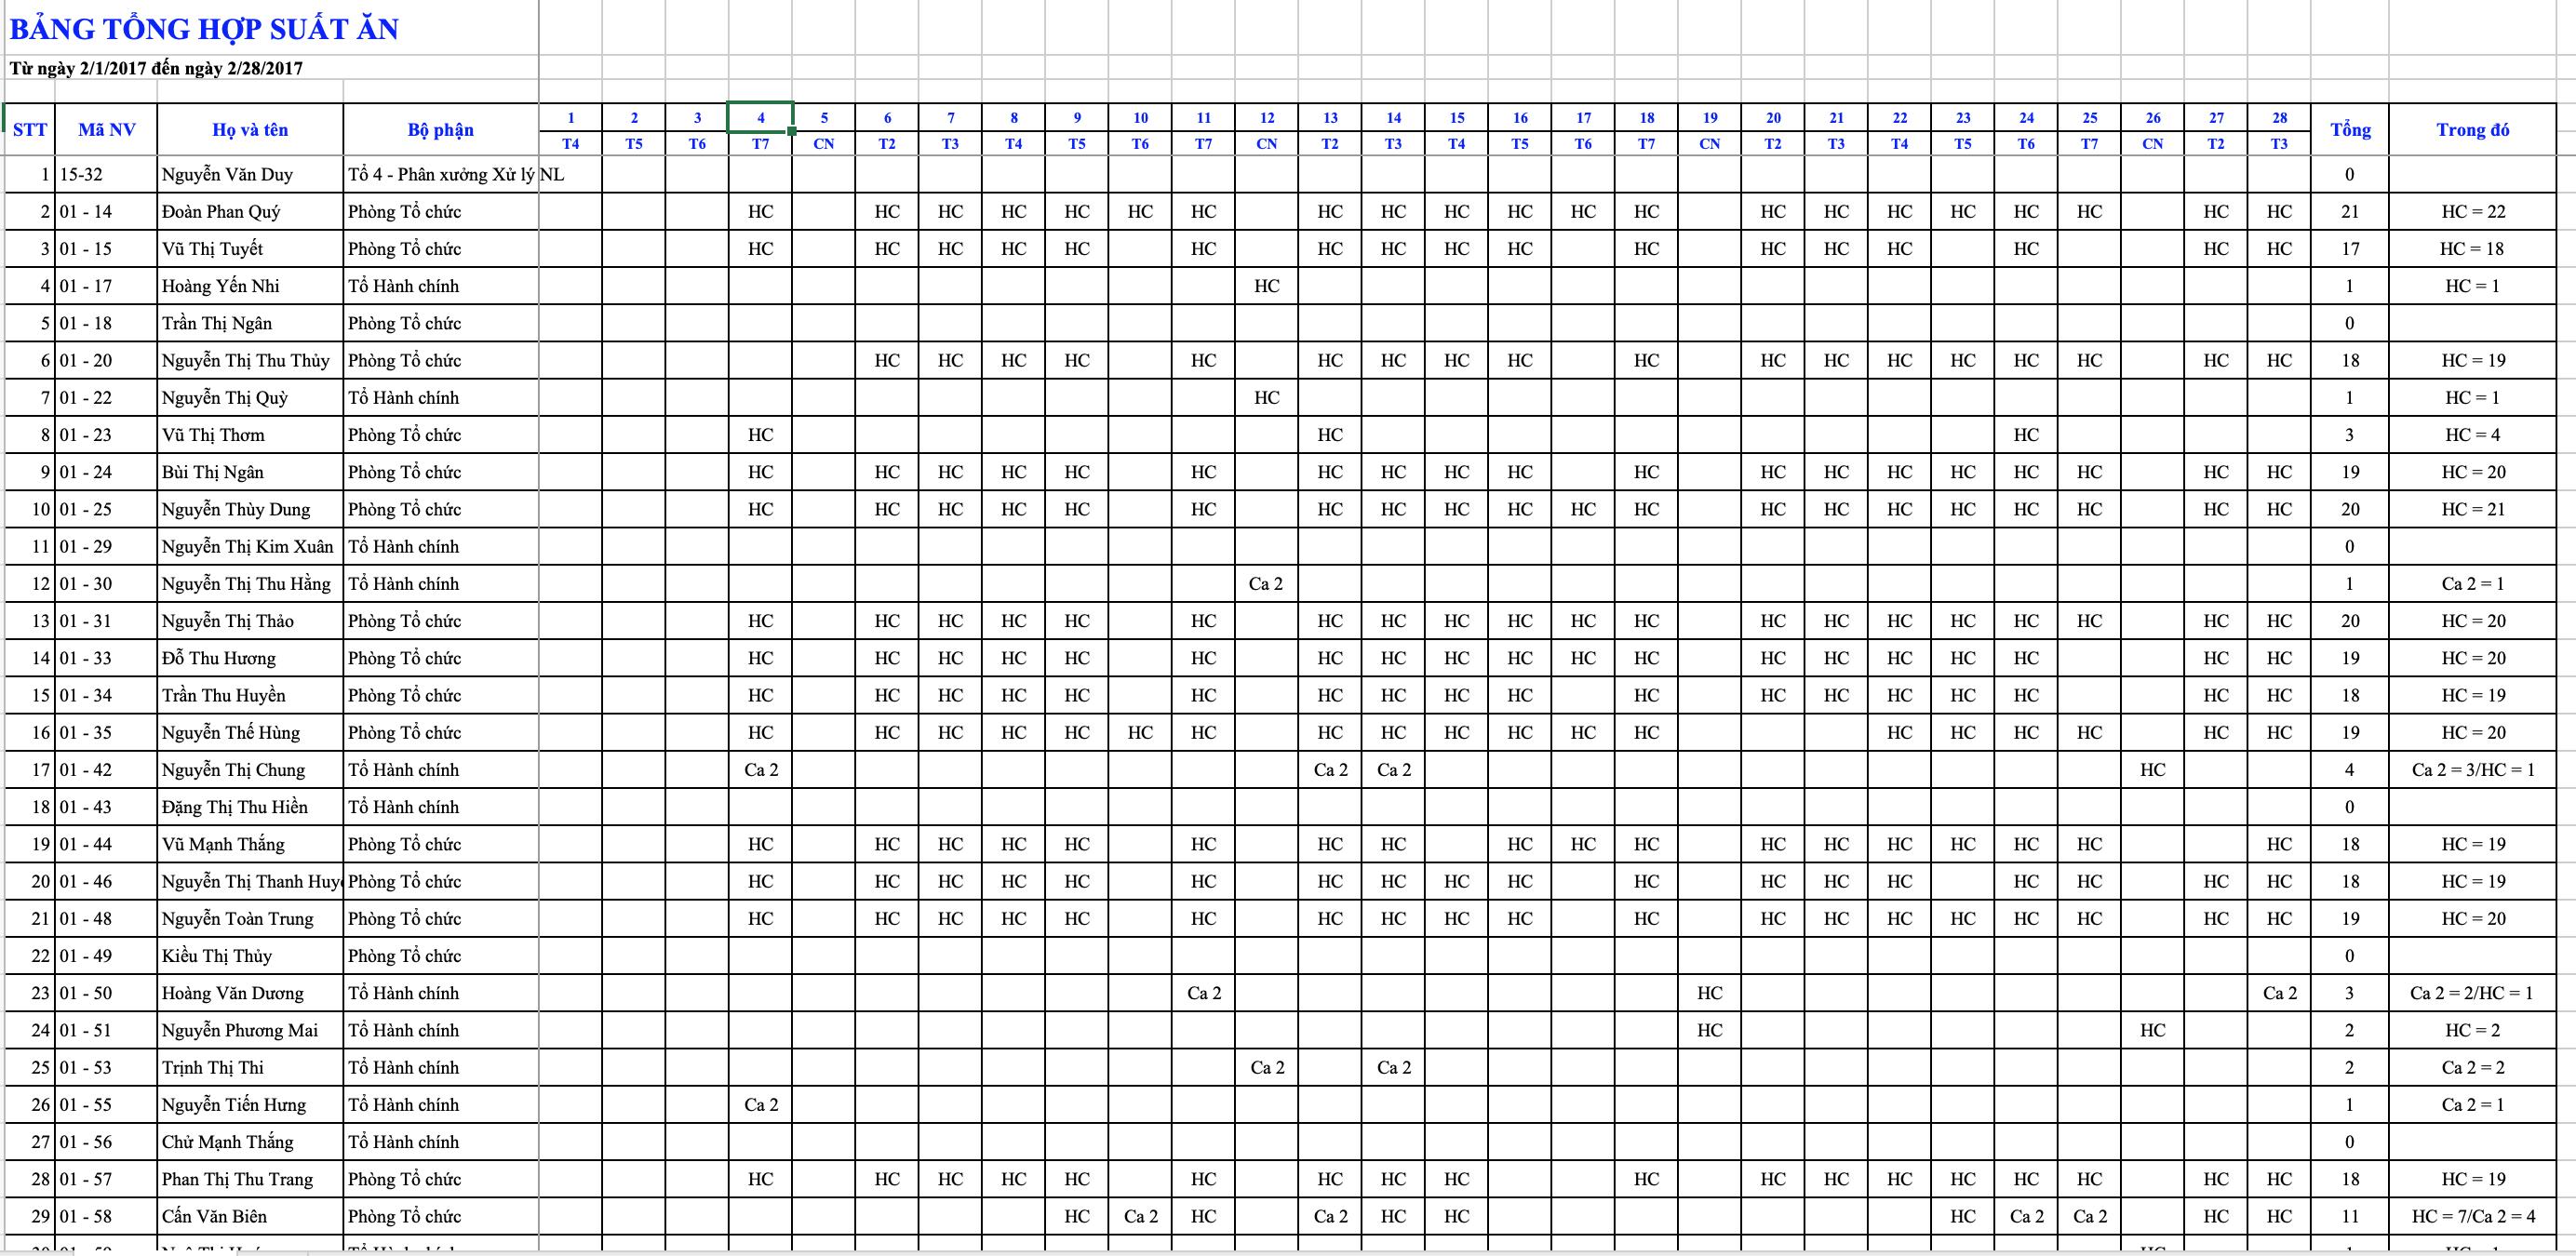 bảng tổng hợp suất ăn ca